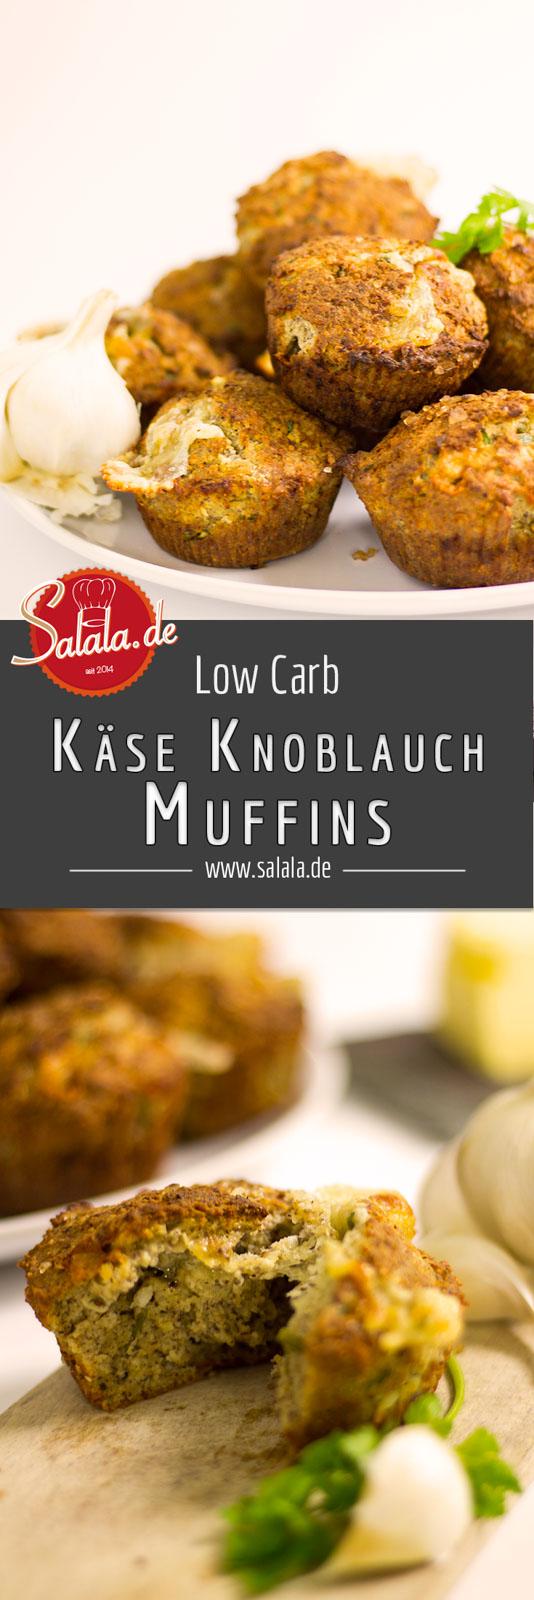 Käse Knoblauch Muffins Low Carb ohne Mehl glutenfrei selber machen - salala.de - Käse-Knoblauch-Muffins - lecker, käsig und unglaublich herzhaft. Total ungewohnt aber schön low carb und glutenfrei. Unbedingt probieren!